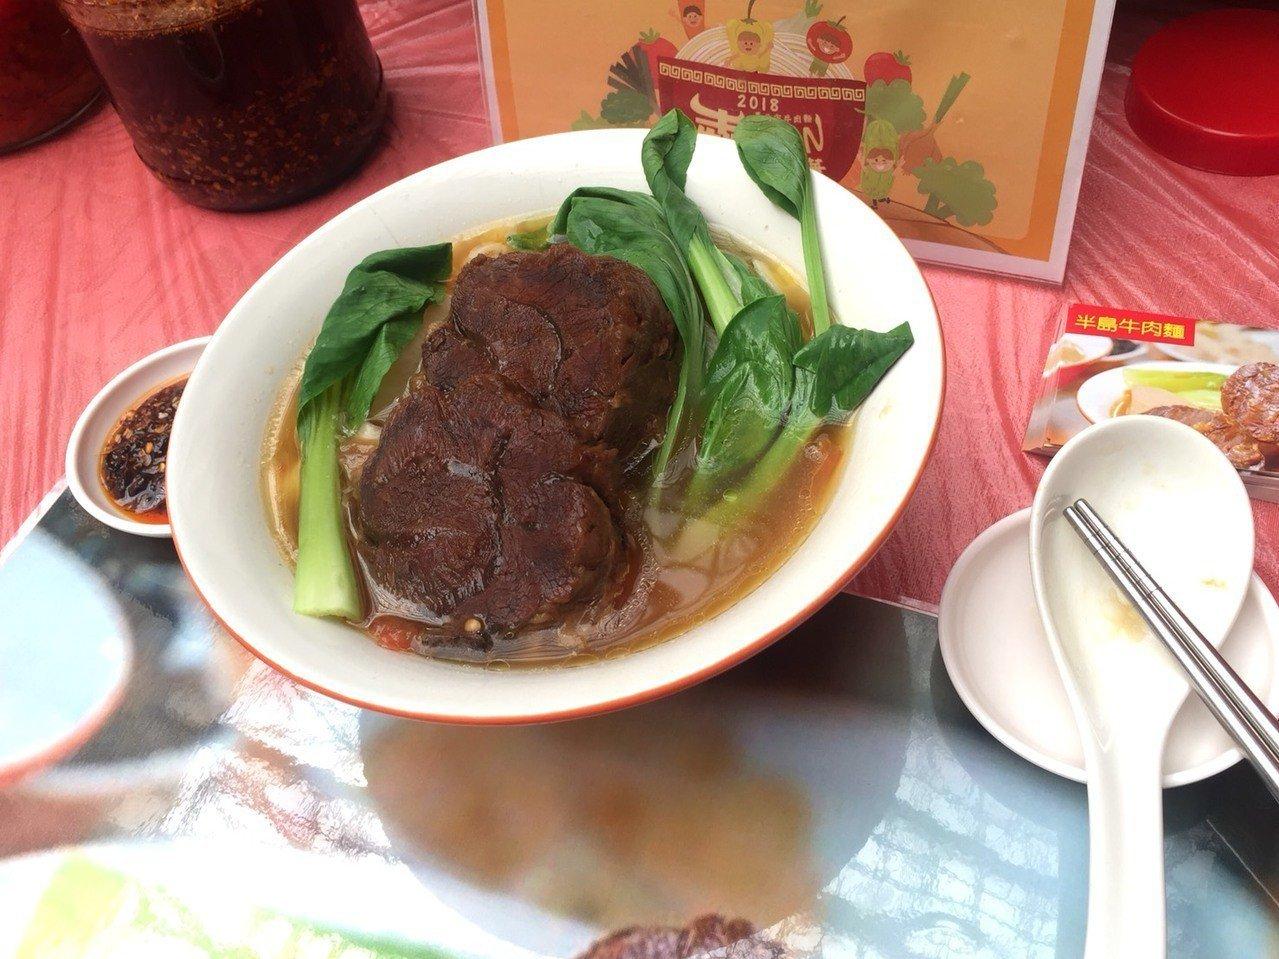 「半島牛肉麵」等3店家拿下密秘客評審特別獎。記者陳惠惠/攝影